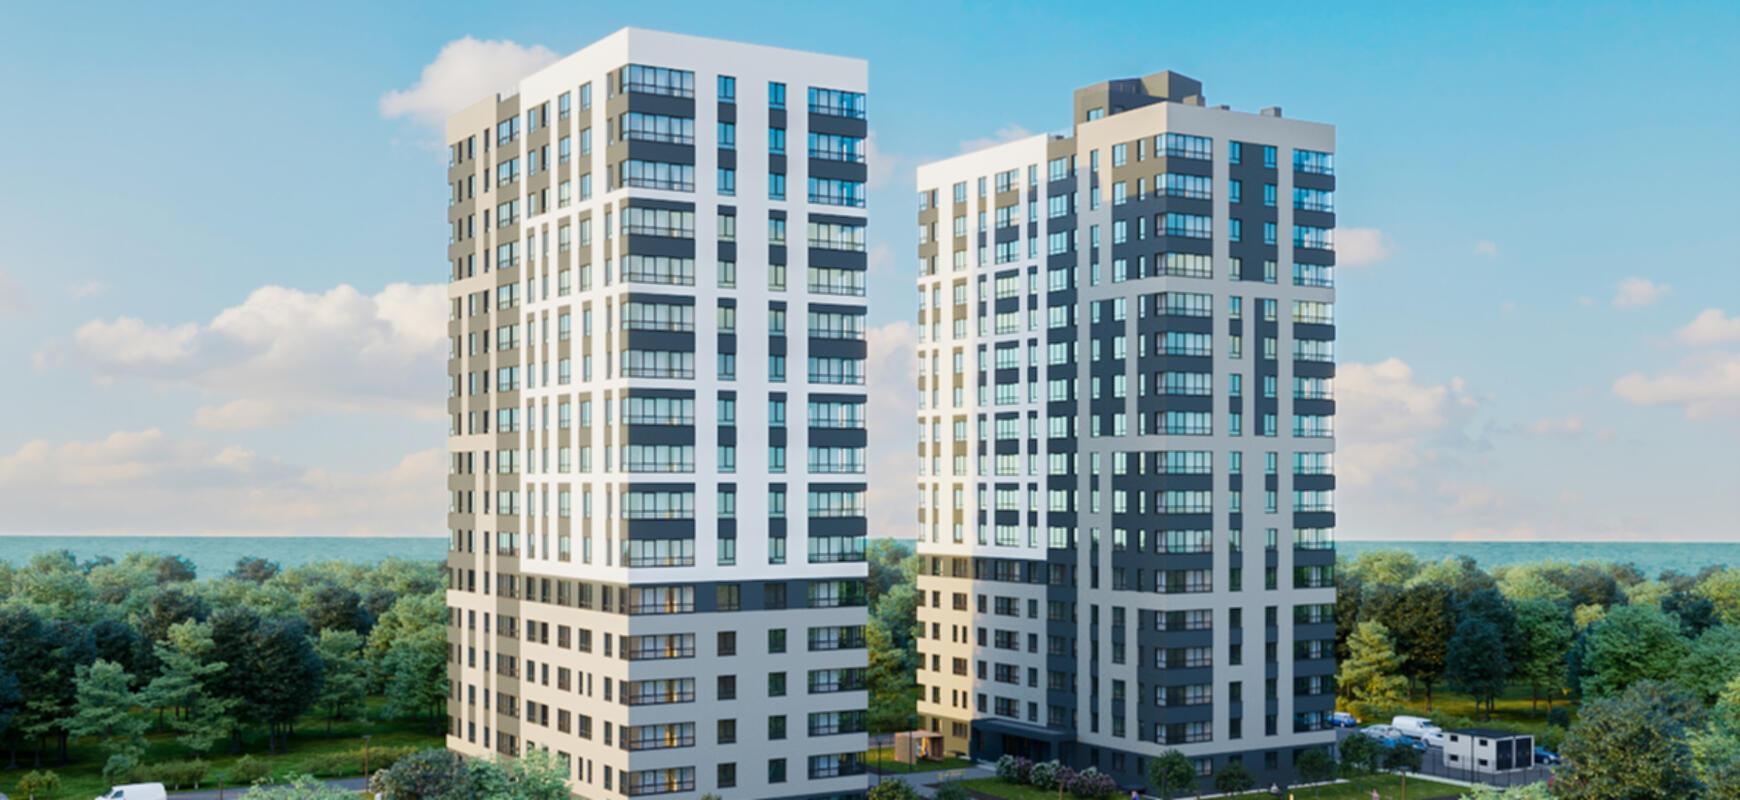 Купите квартиру в новостройке с готовым ремонтом!